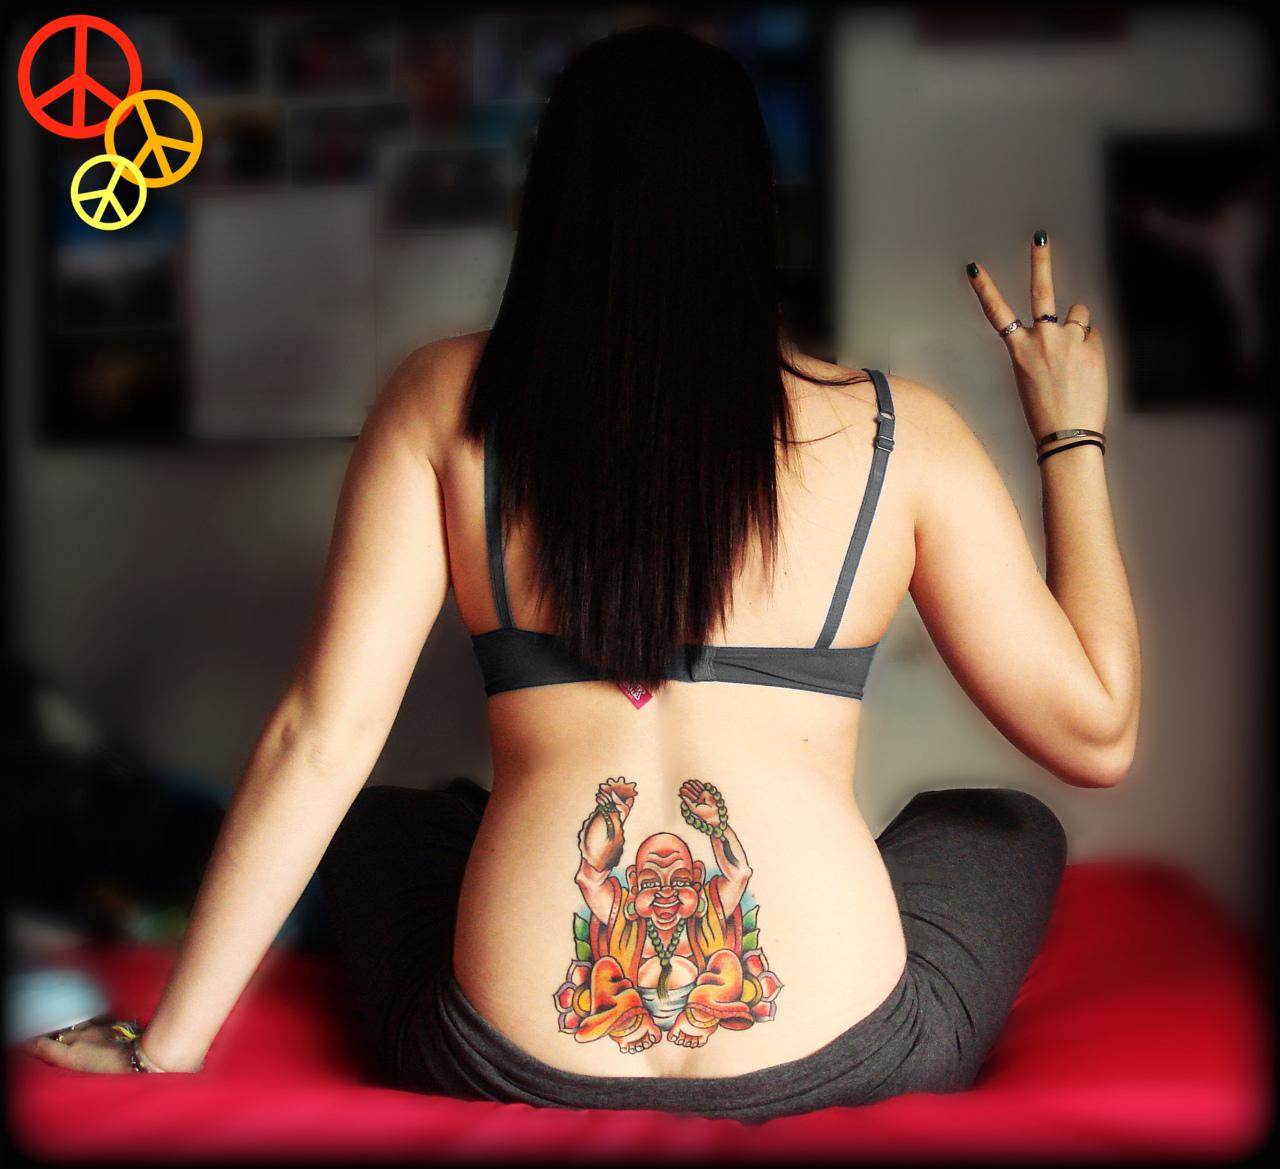 My Tattoo Designs: B